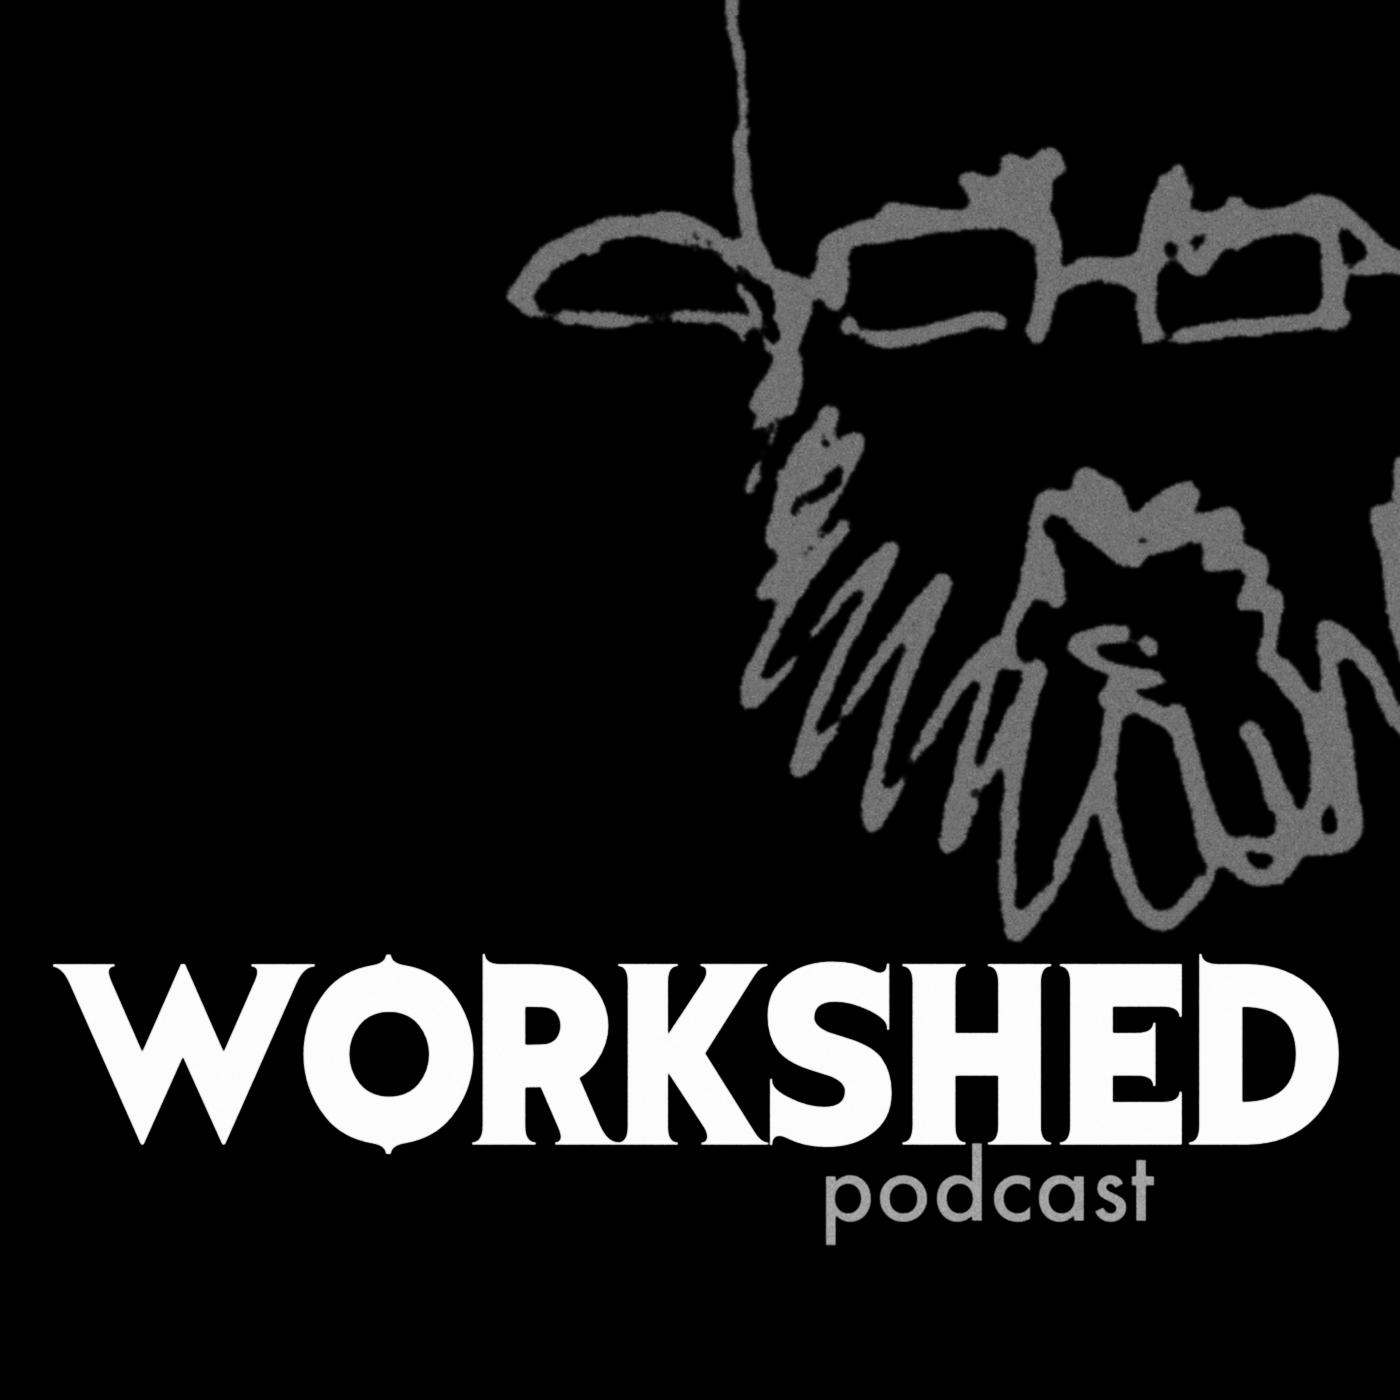 Workshed Podcast